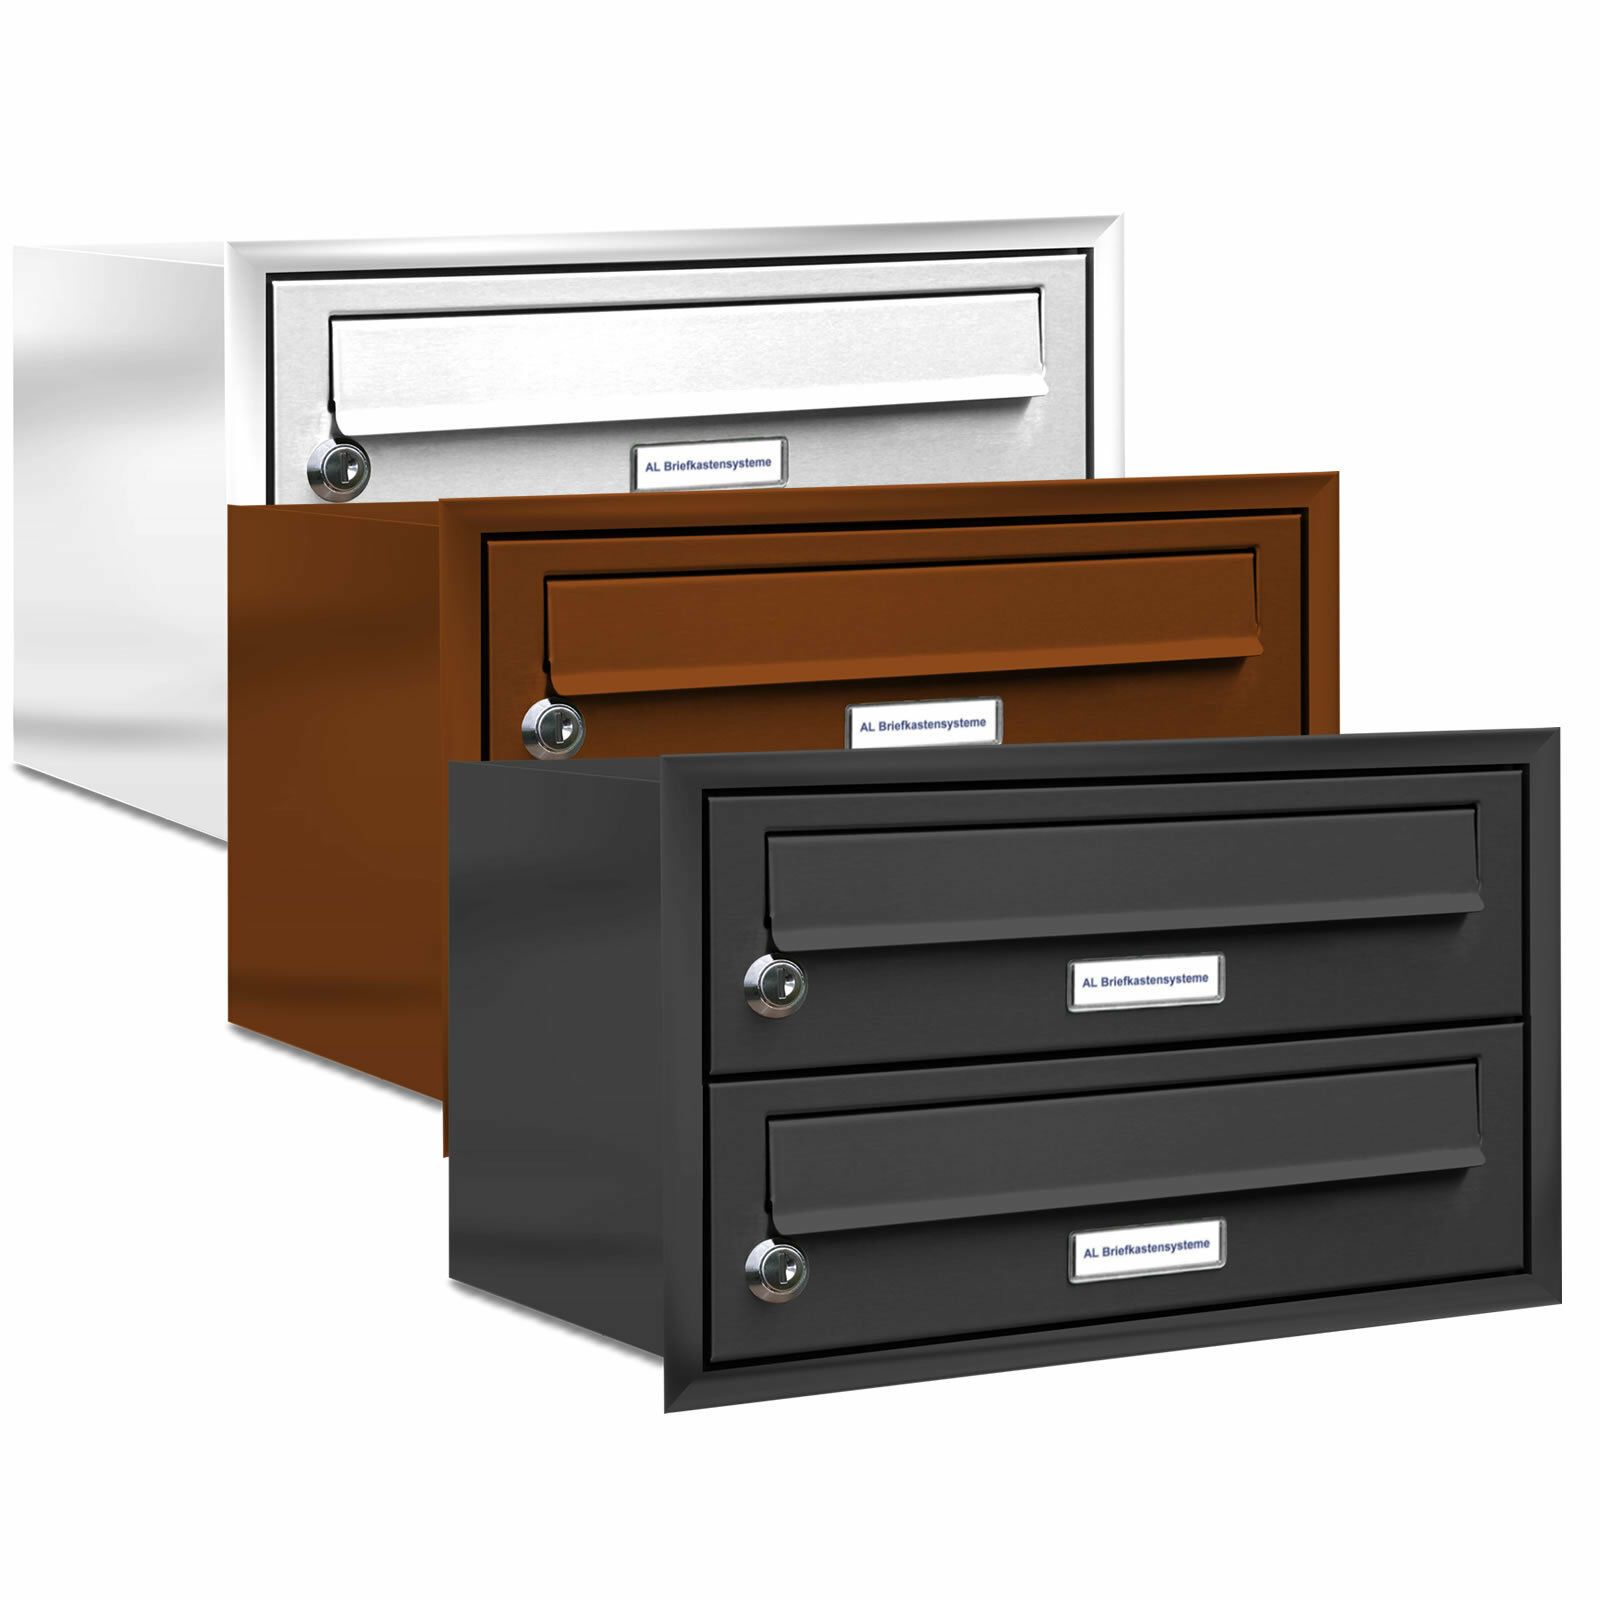 2 er Briefkasten Anlage Unterputz Montage RAL Farbe